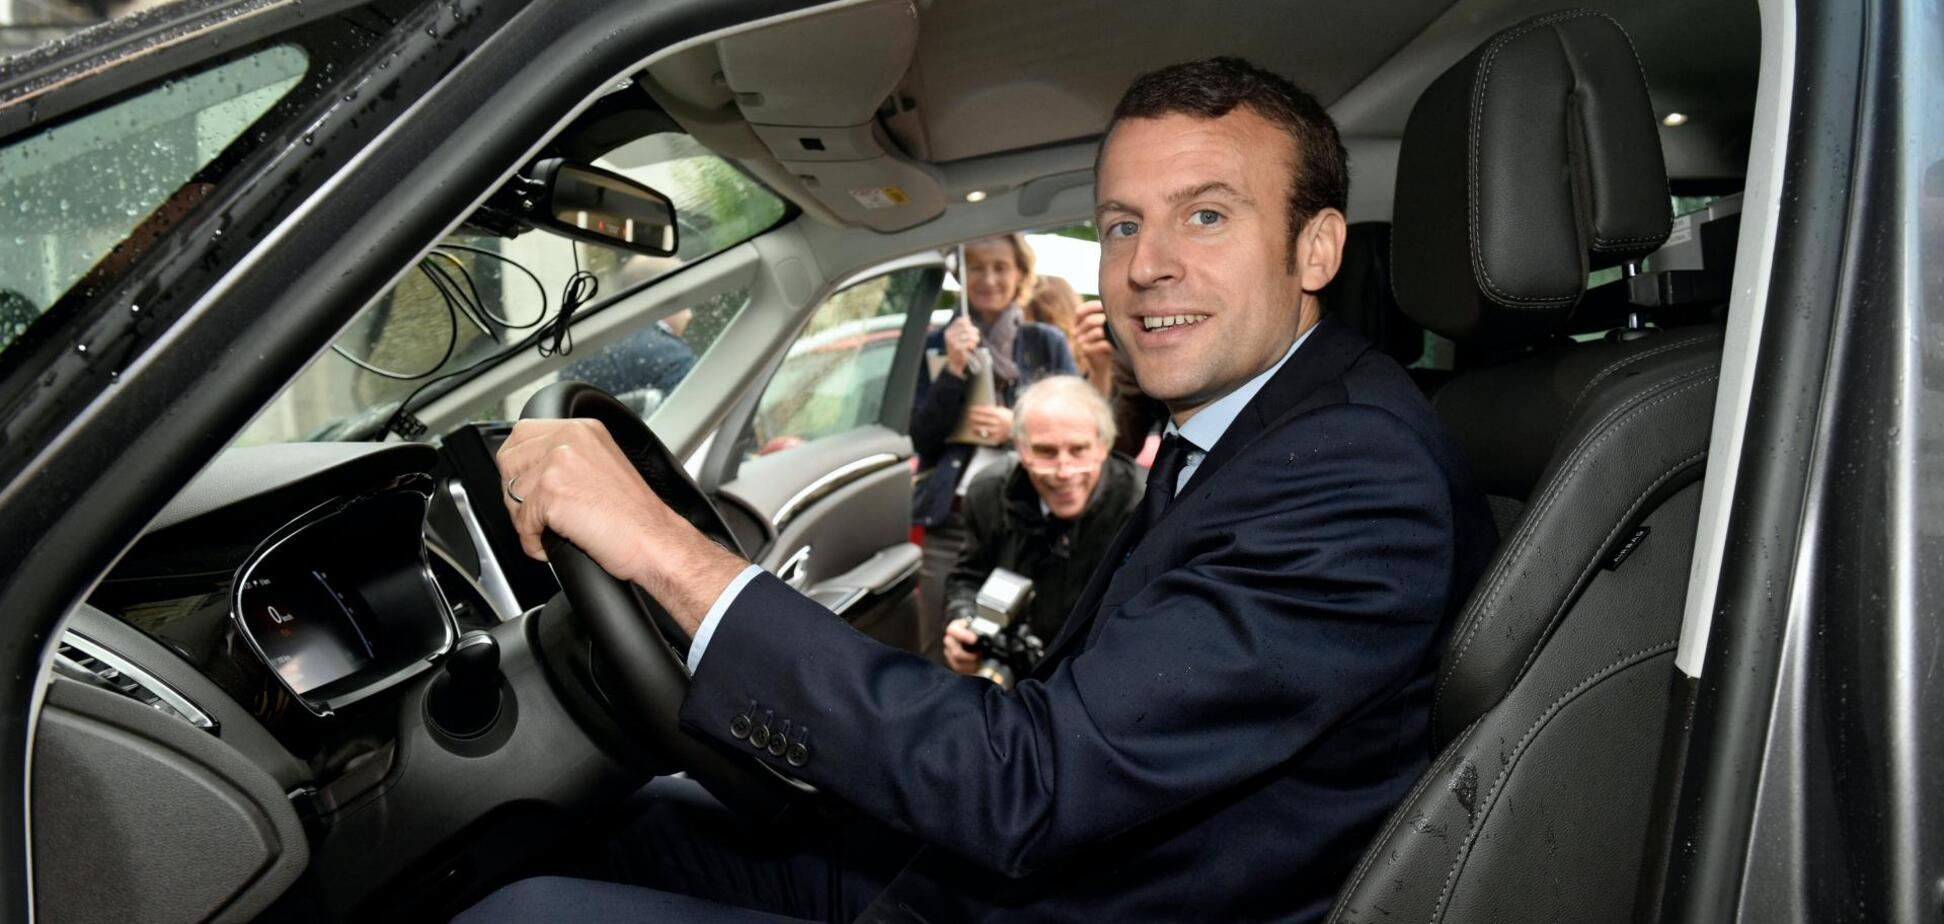 Чиновники во Франции будут вынуждены отказаться от самолетов и автомобилей